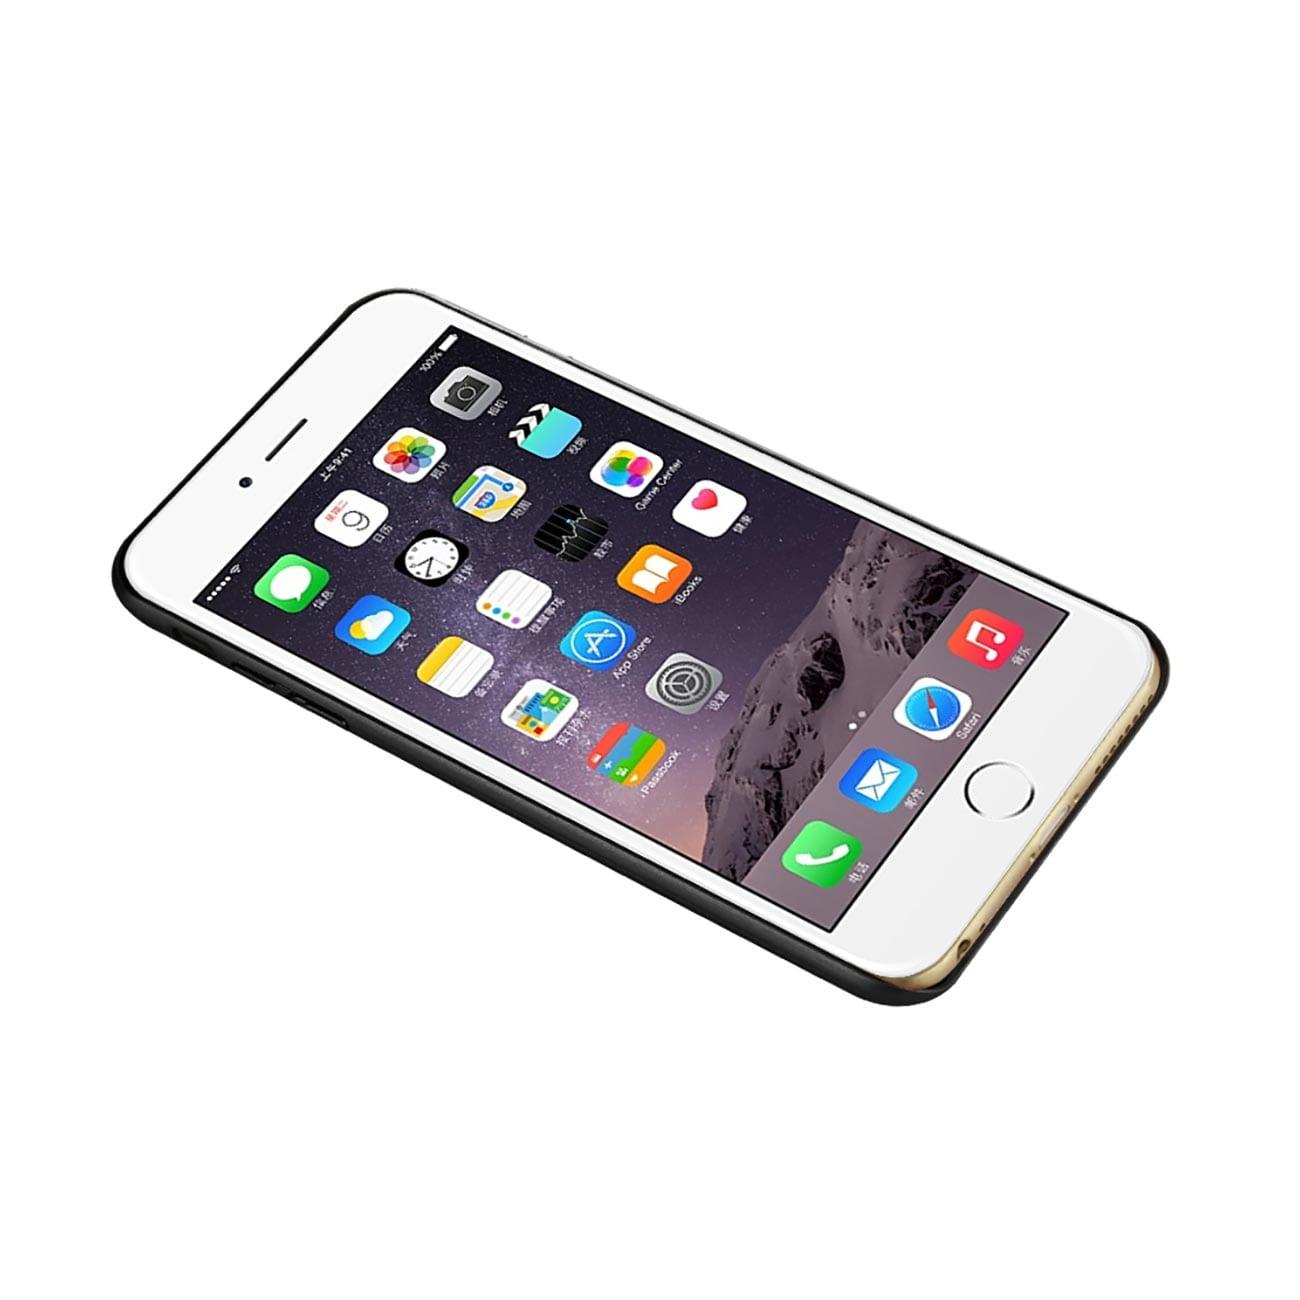 ISTIK IPHONE 6 PLUS REAL WOOD SLIM SNAP ON CASE IN BLACK